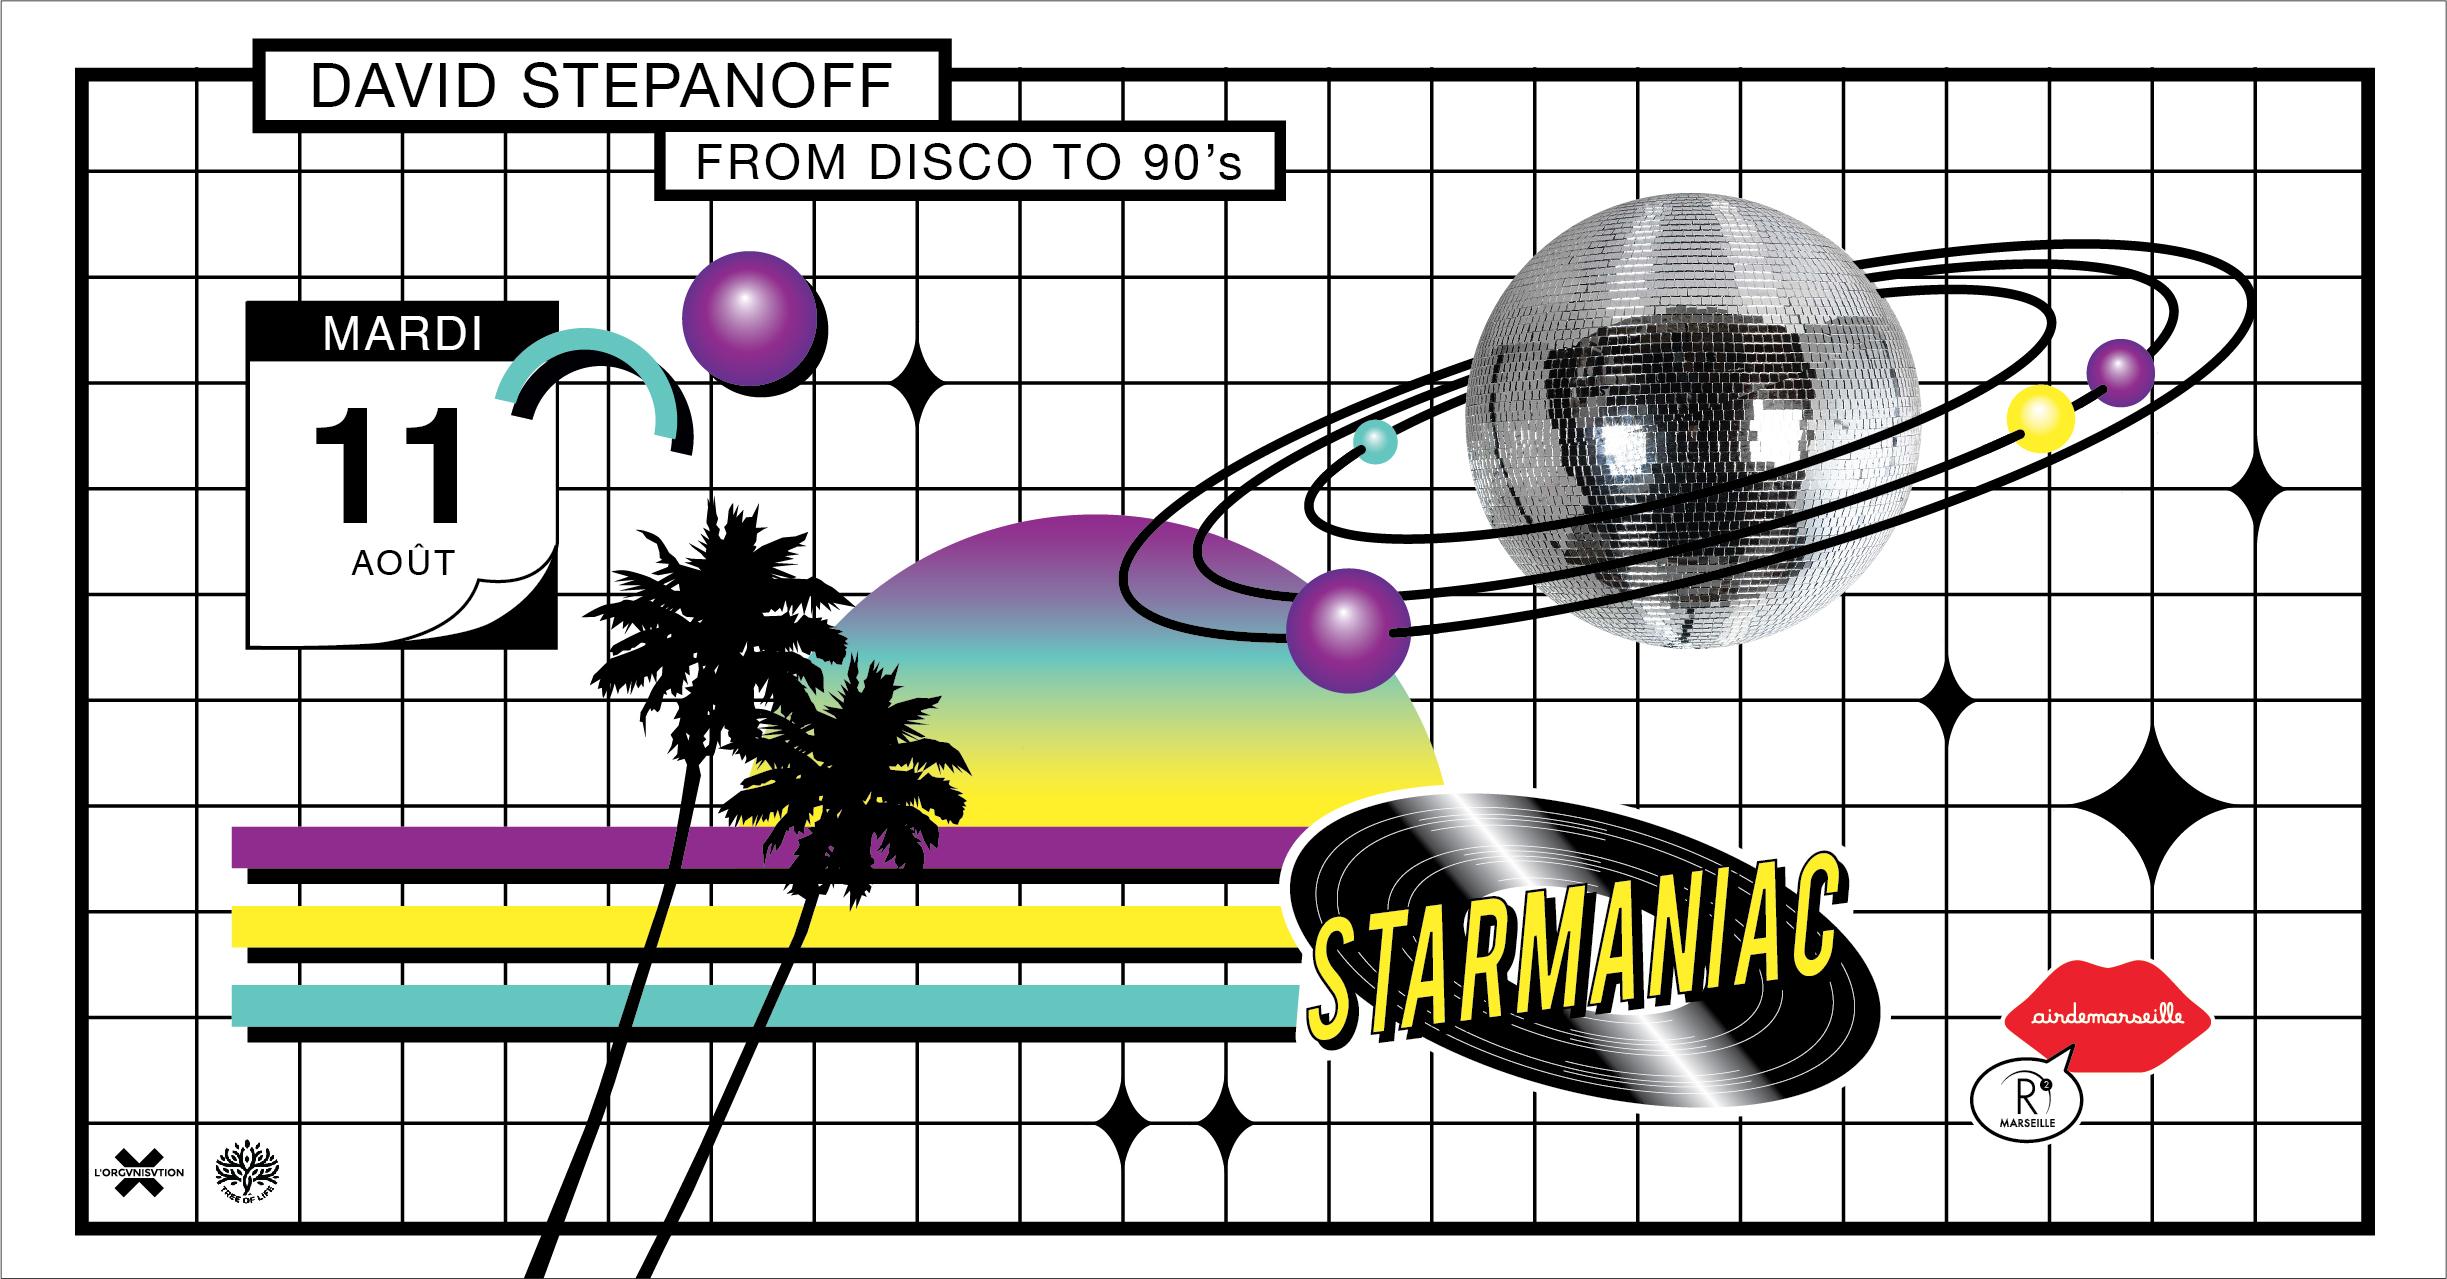 R2 x STARMANIAC from DISCO TO 90's